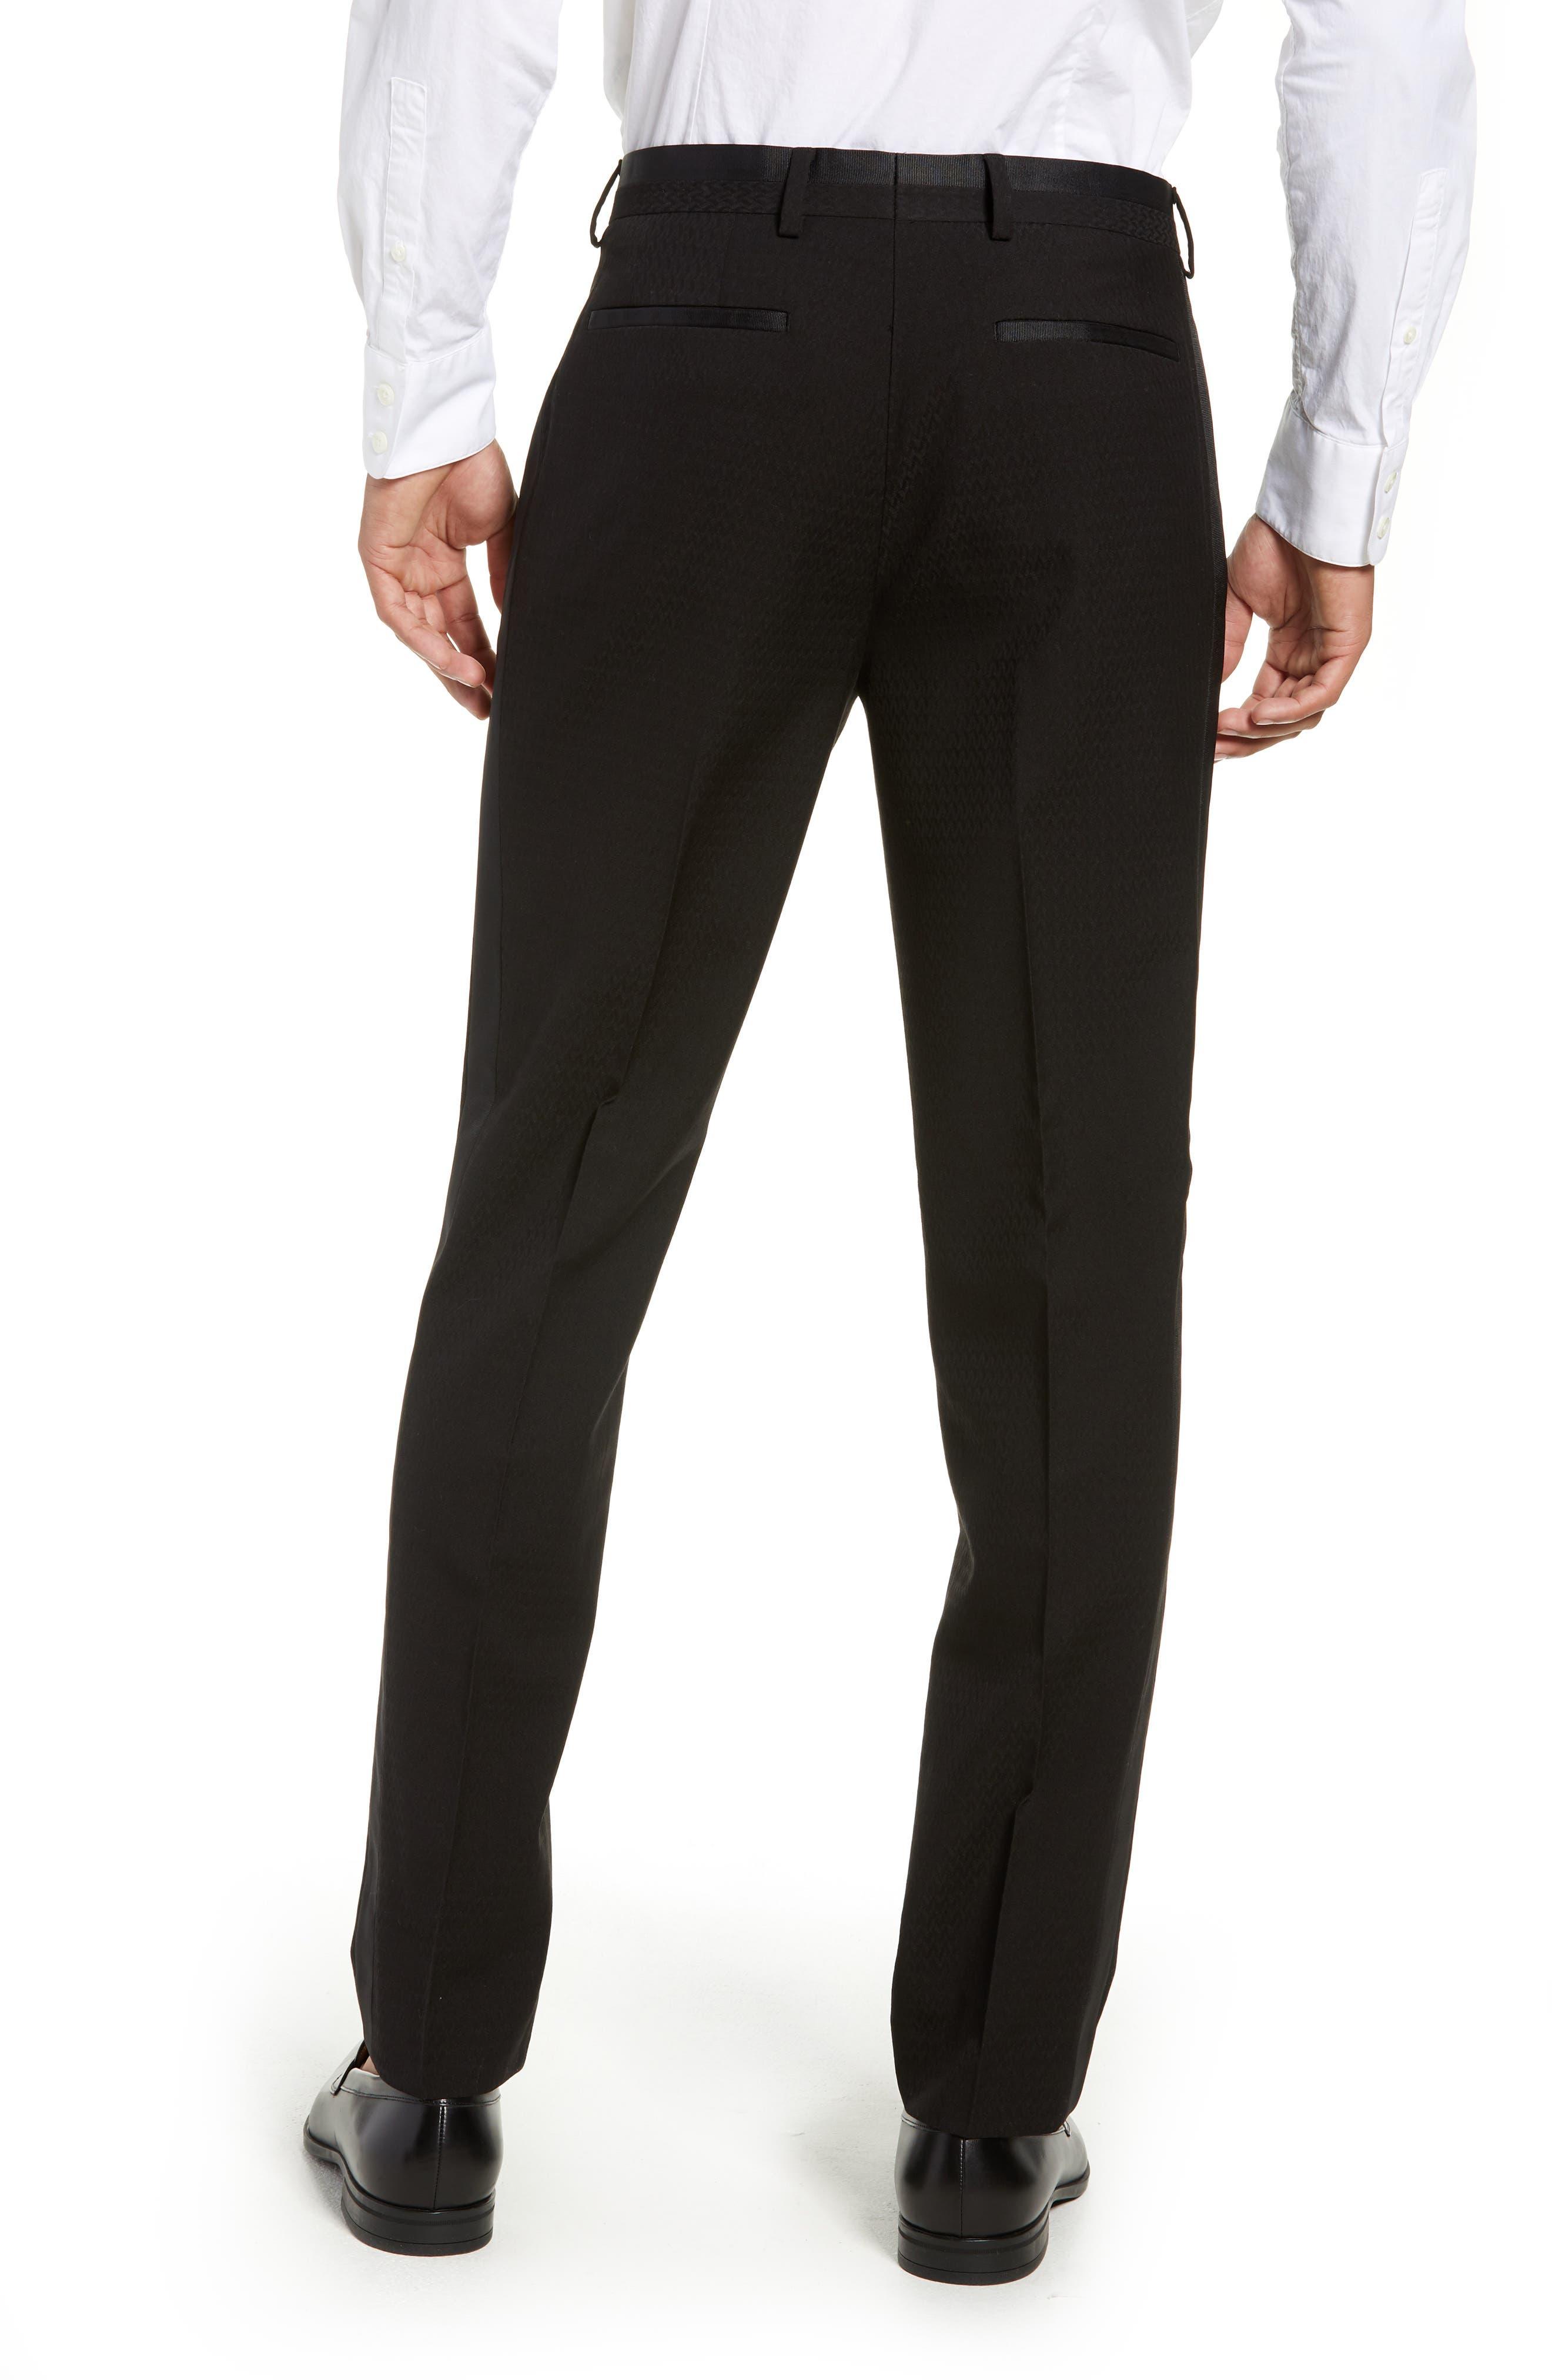 Kingley Slim Fit Tuxedo Pants,                             Alternate thumbnail 2, color,                             BLACK